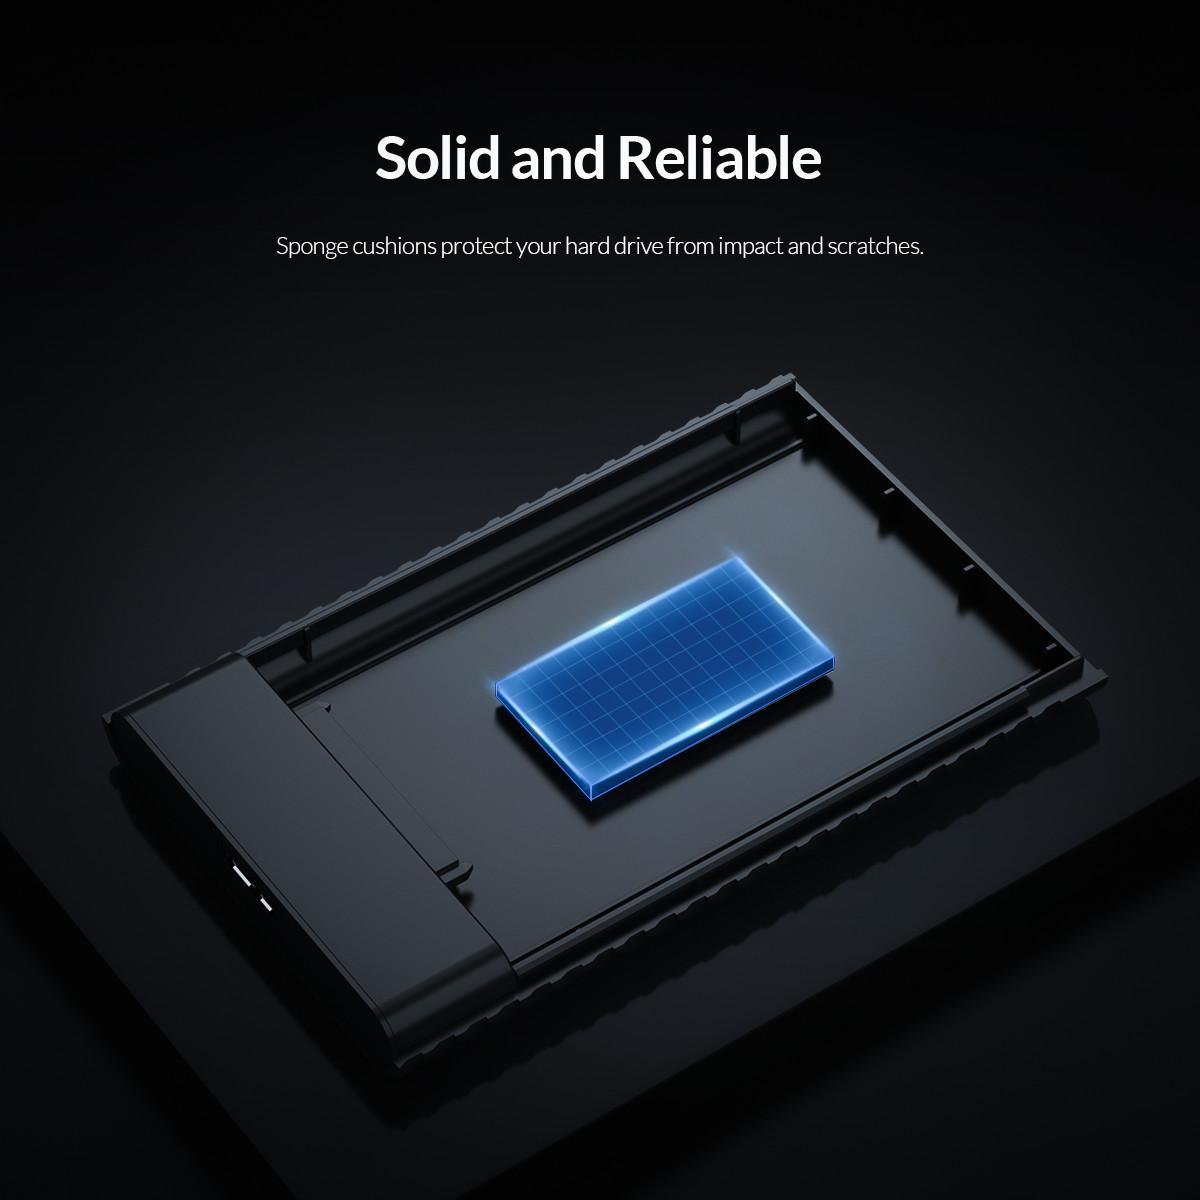 باکس SSD و هارد 2.5 اینچی USB 3.0 اوریکو مدل 2521U3